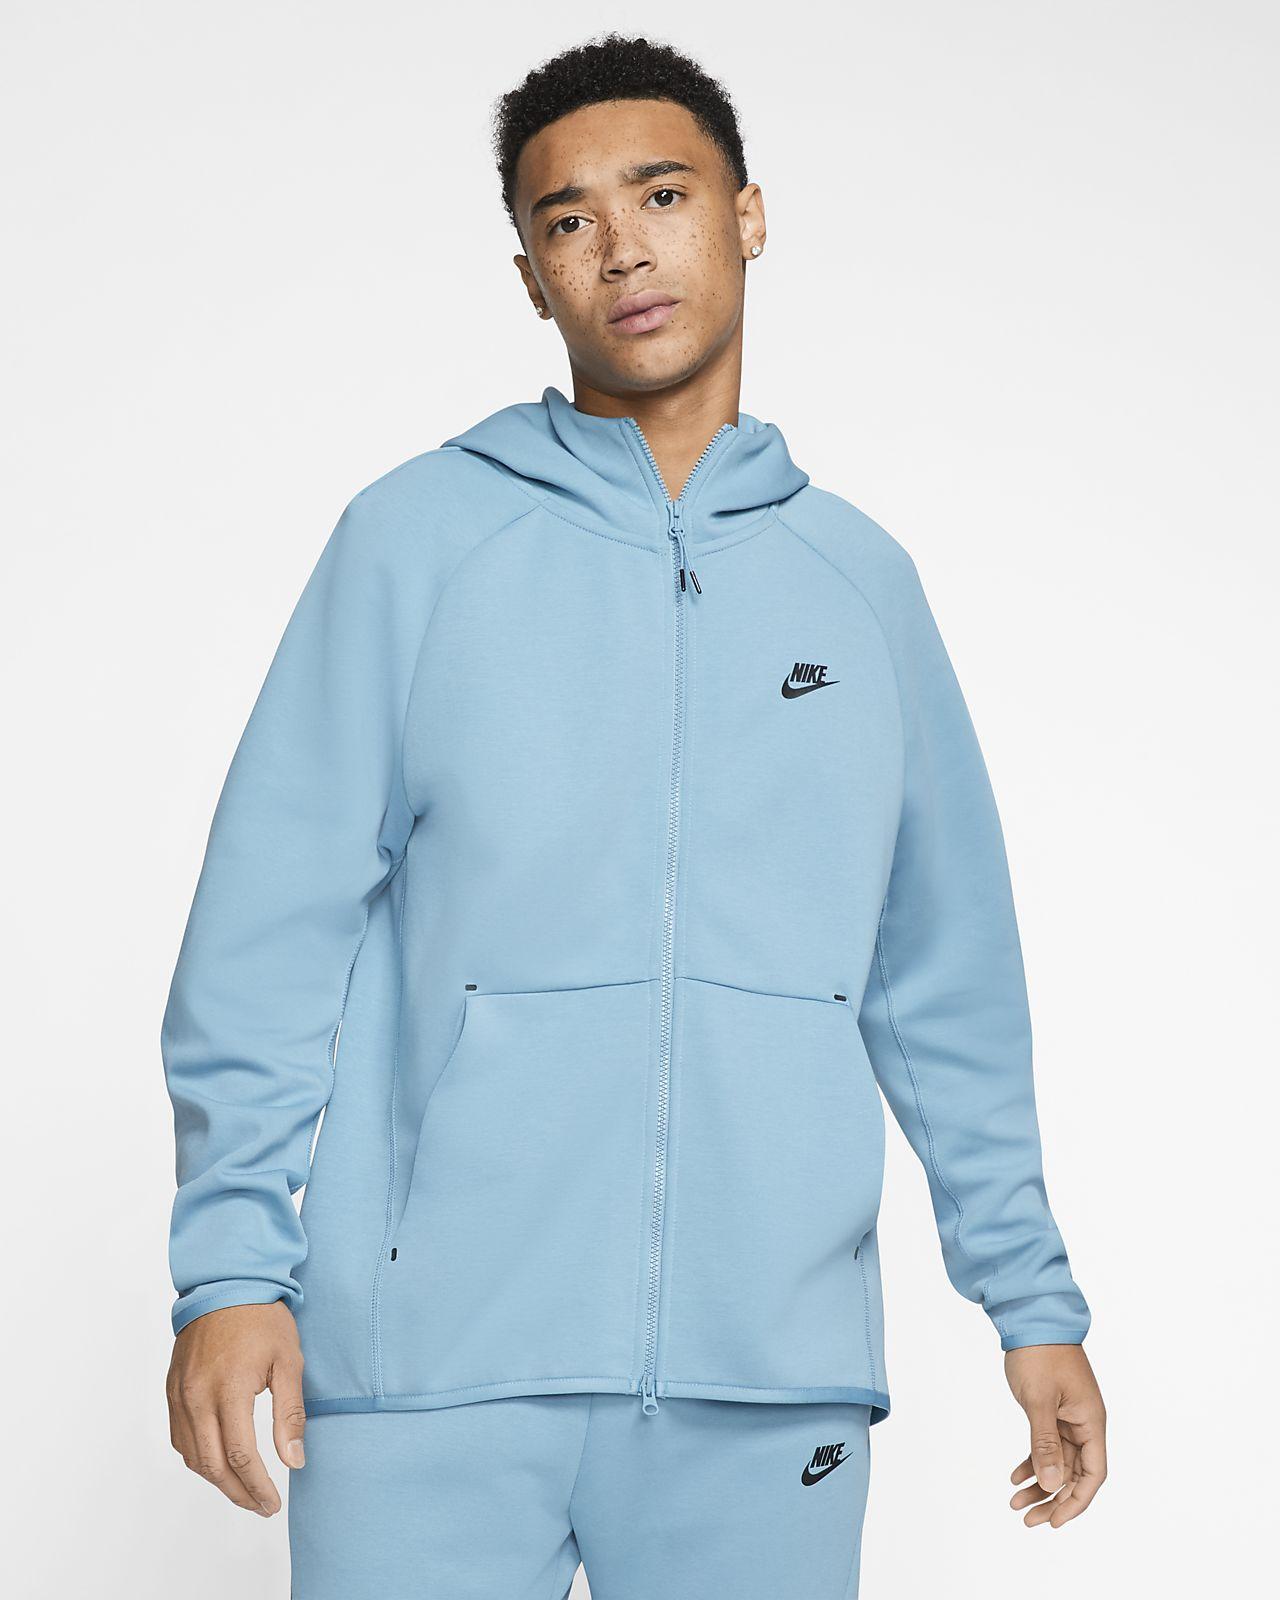 Vintage Men's xxl navy blue Nike jacket